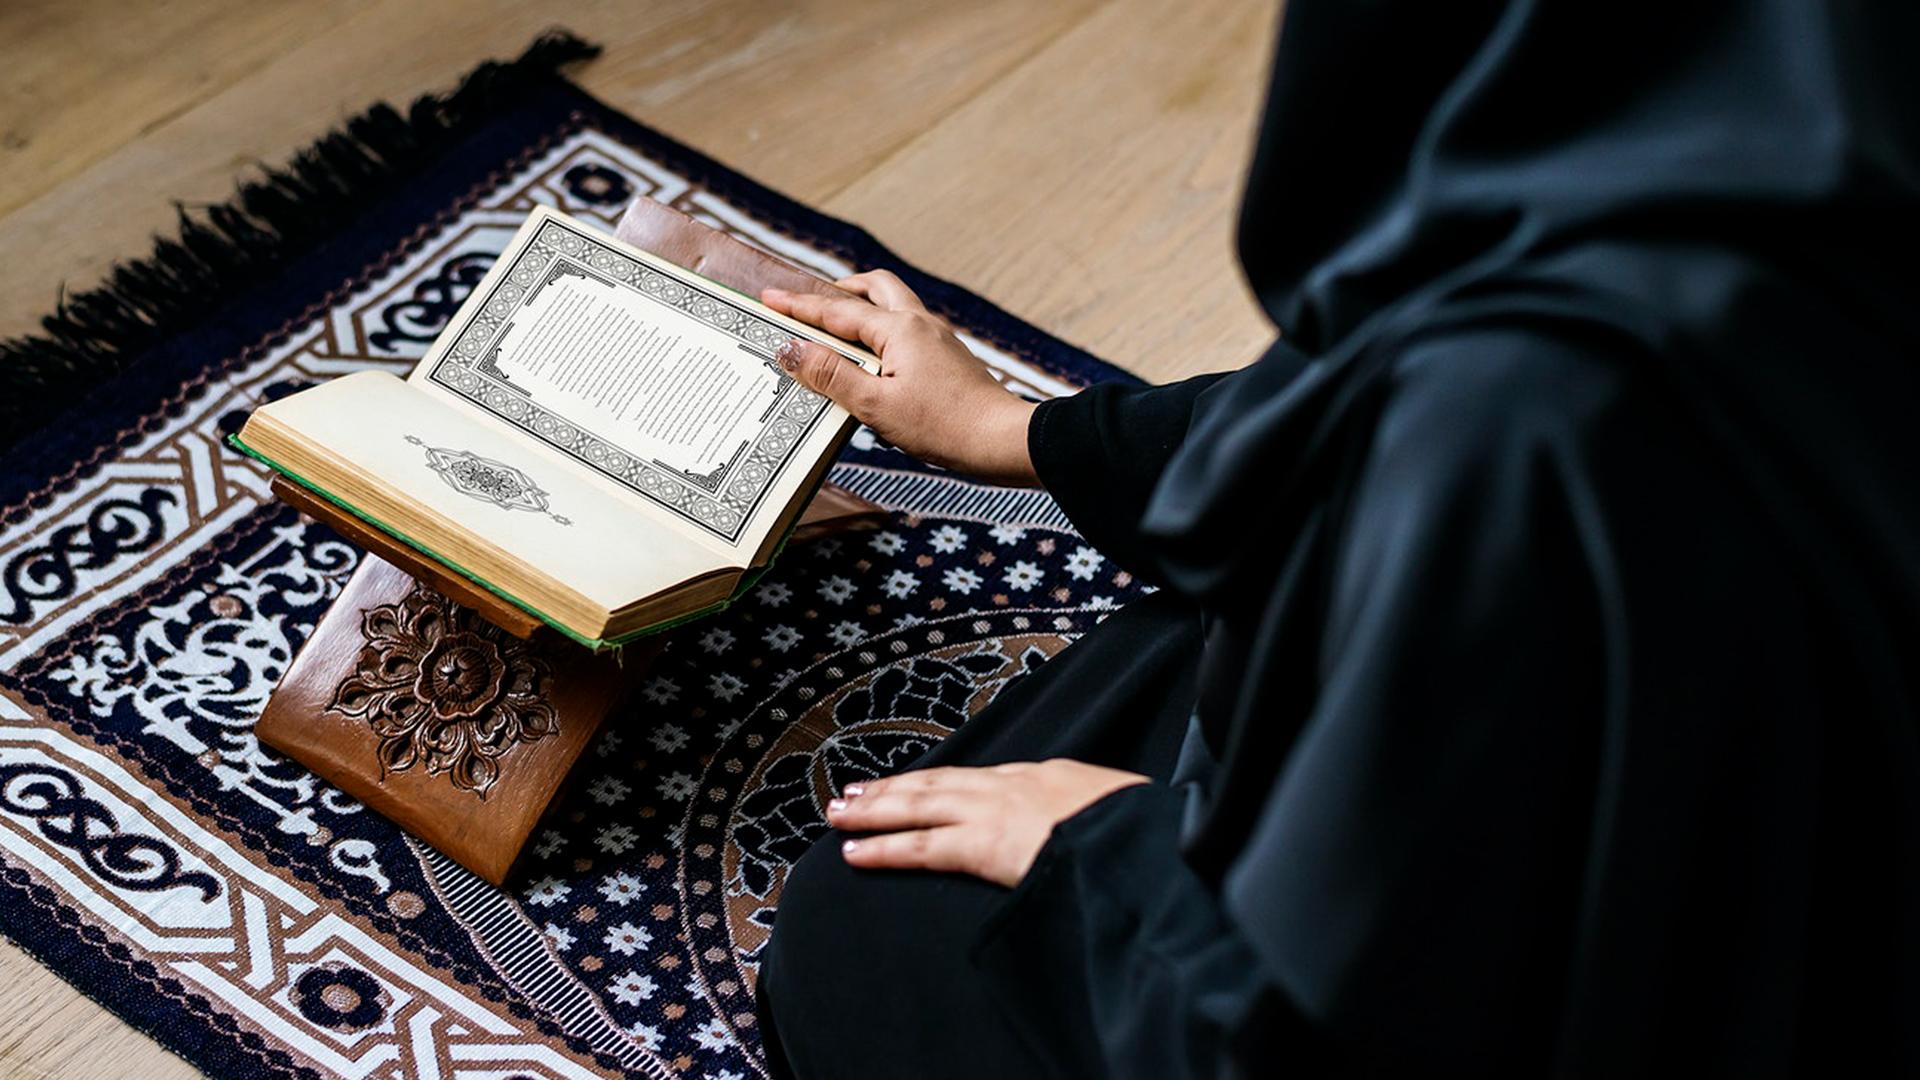 Sunnah-Rasul-Yang-RIngan-Dan-Berpahala-Besar-Dalam-Kehidupan-Sehari-Hari-Bina-Qurani